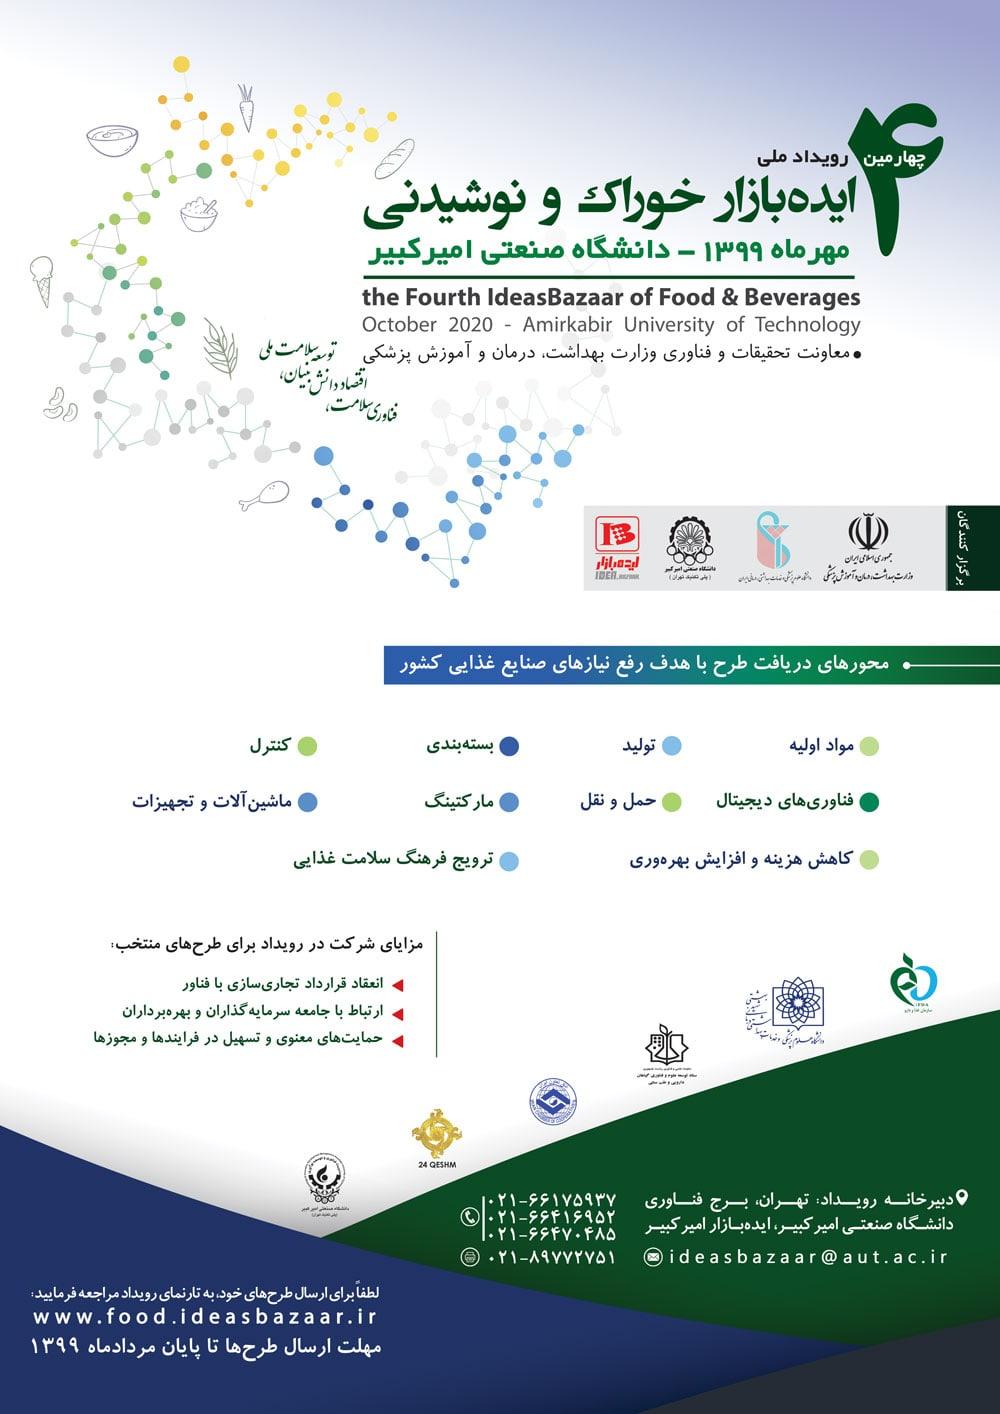 """چهارمین رویداد ملی """"ایده بازار خوراک و نوشیدنی"""" برگزار میشود"""